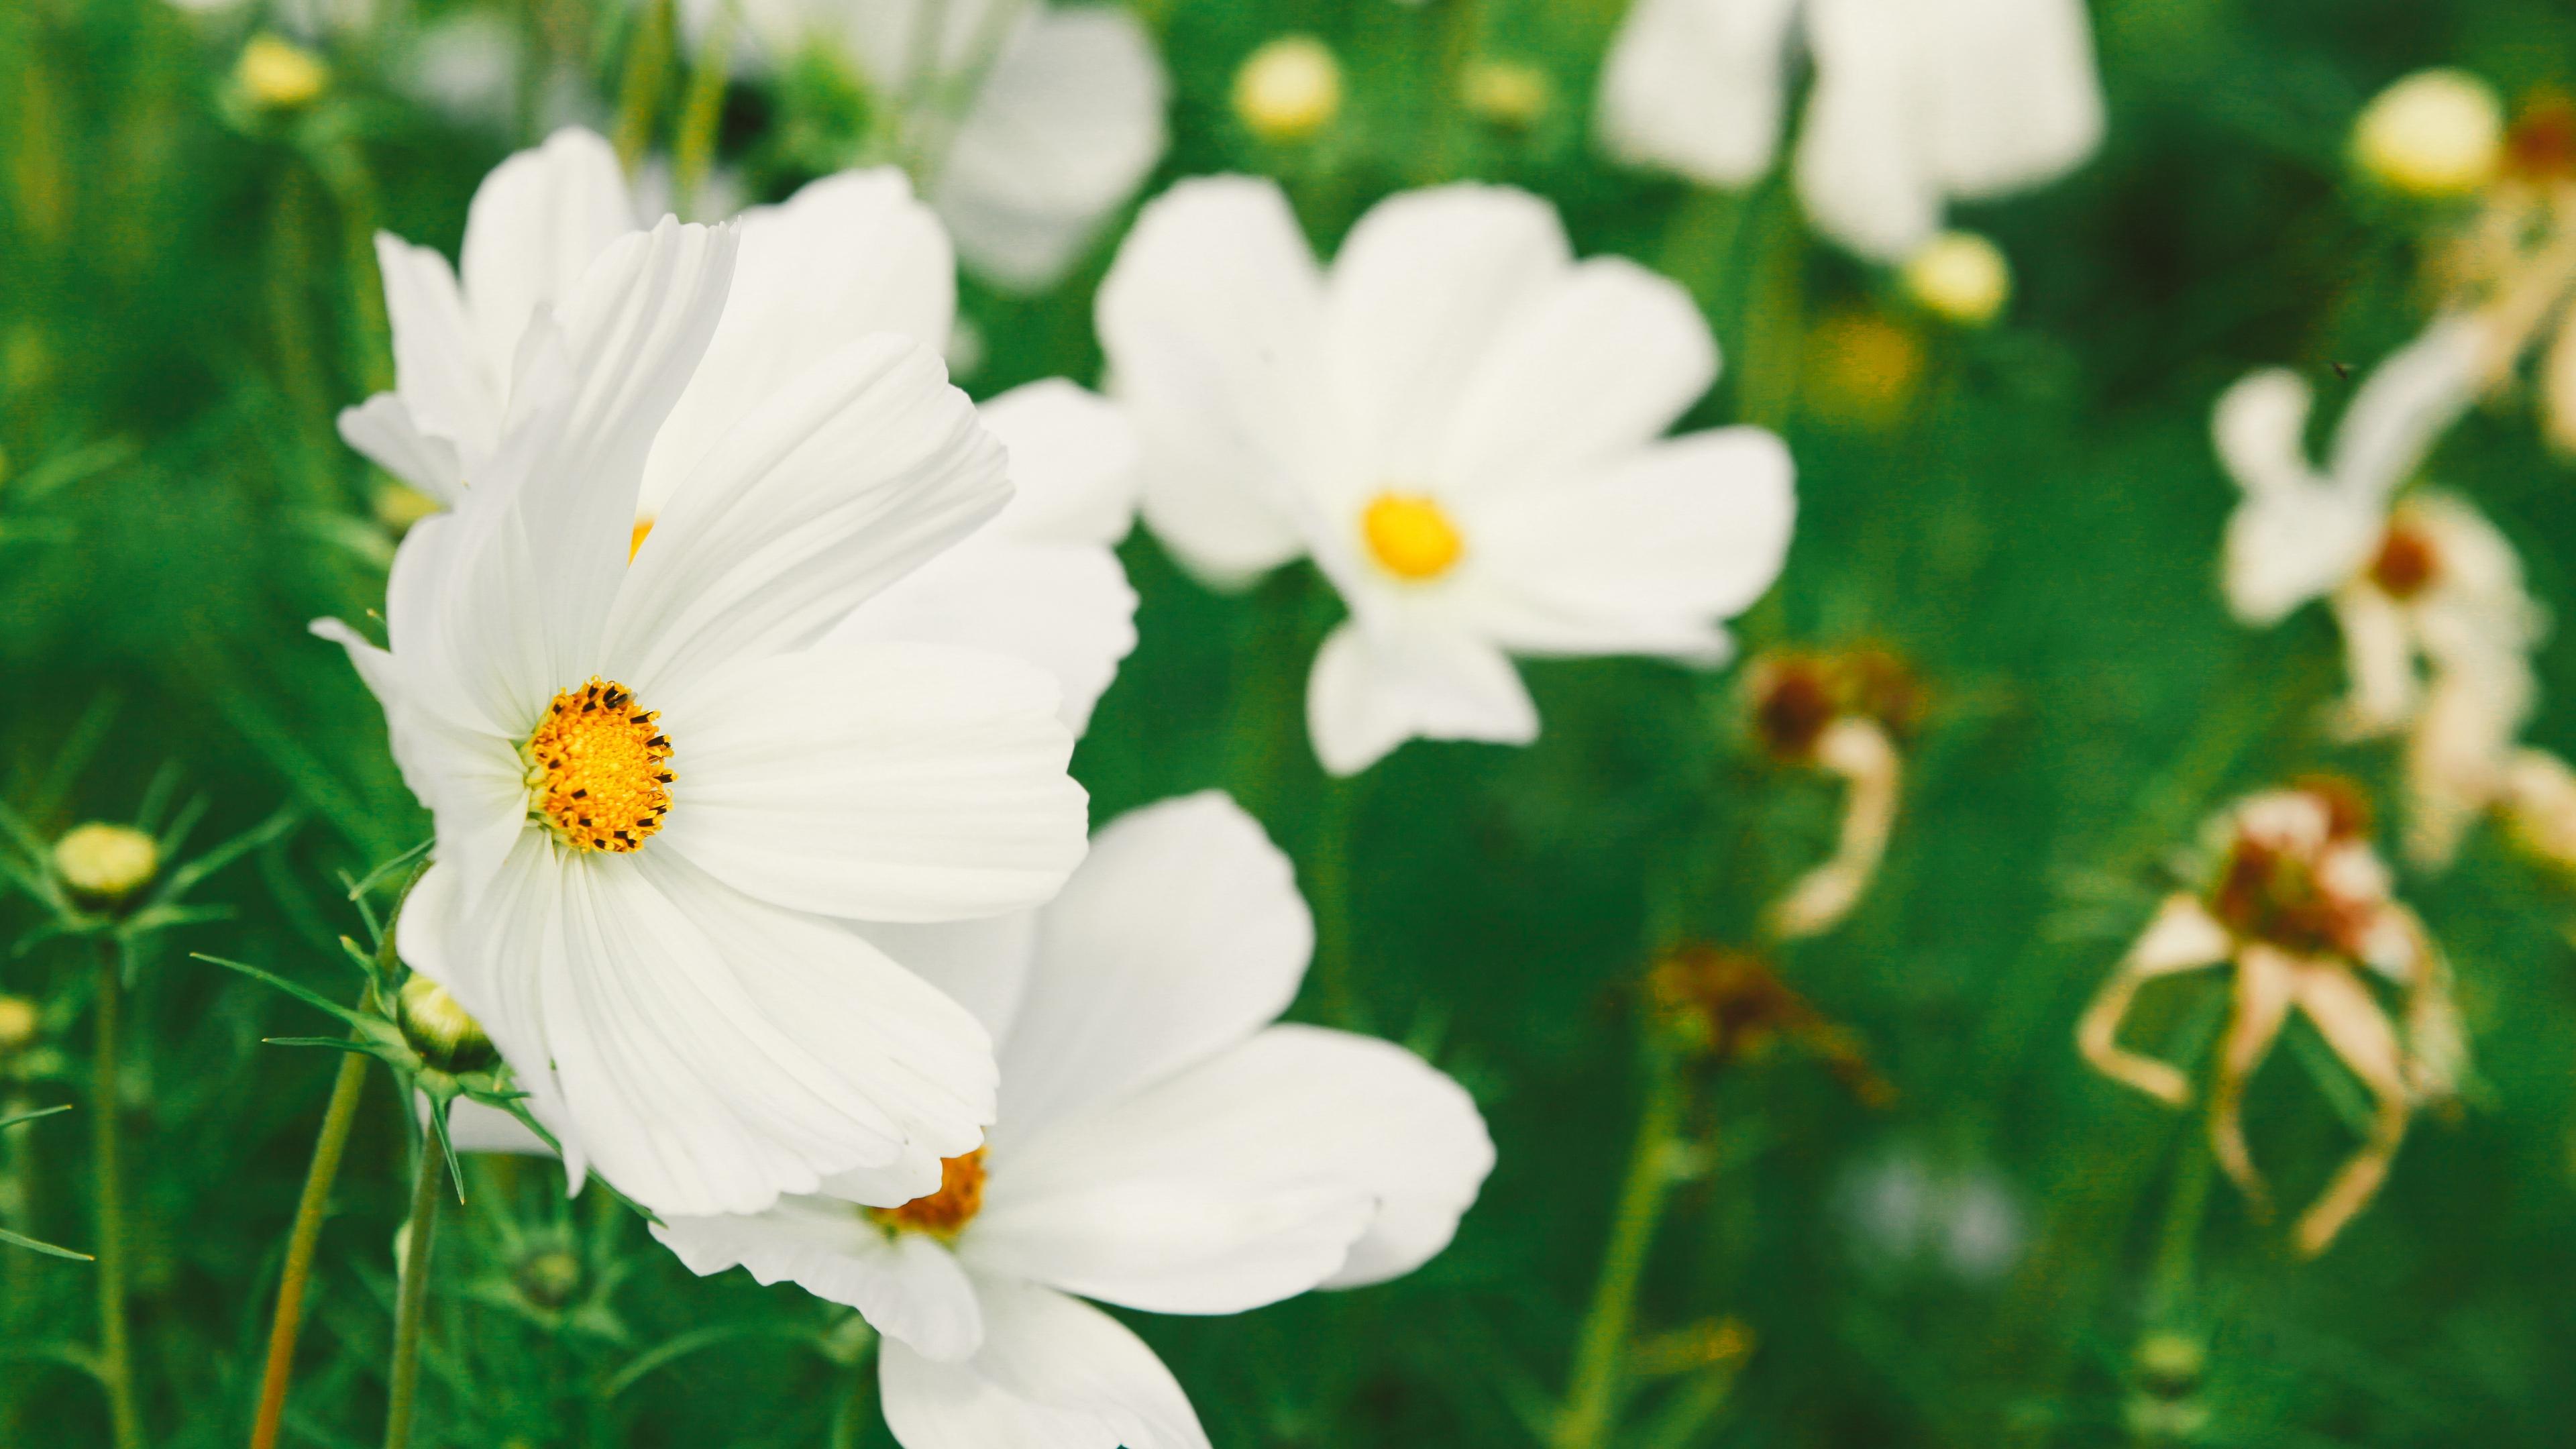 cosmos flower white field blur 4k 1540064535 - cosmos, flower, white, field, blur 4k - white, flower, Cosmos